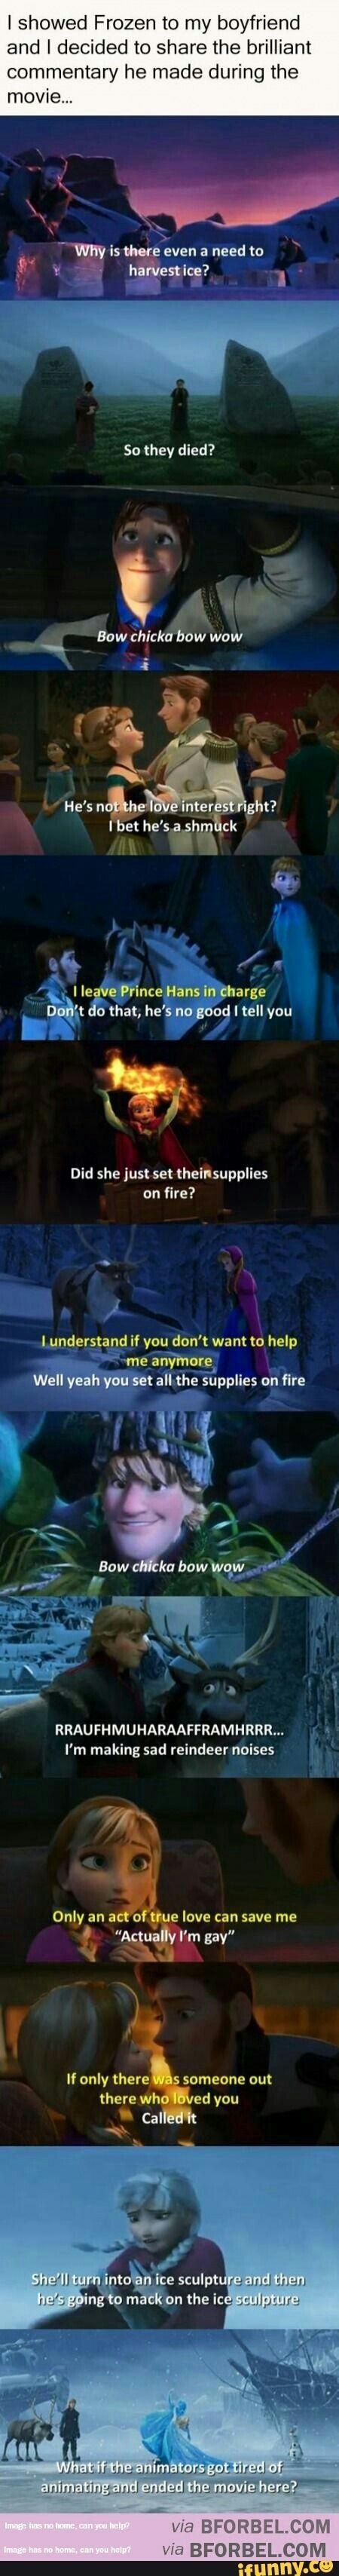 Sassy Disney Movie Quotes